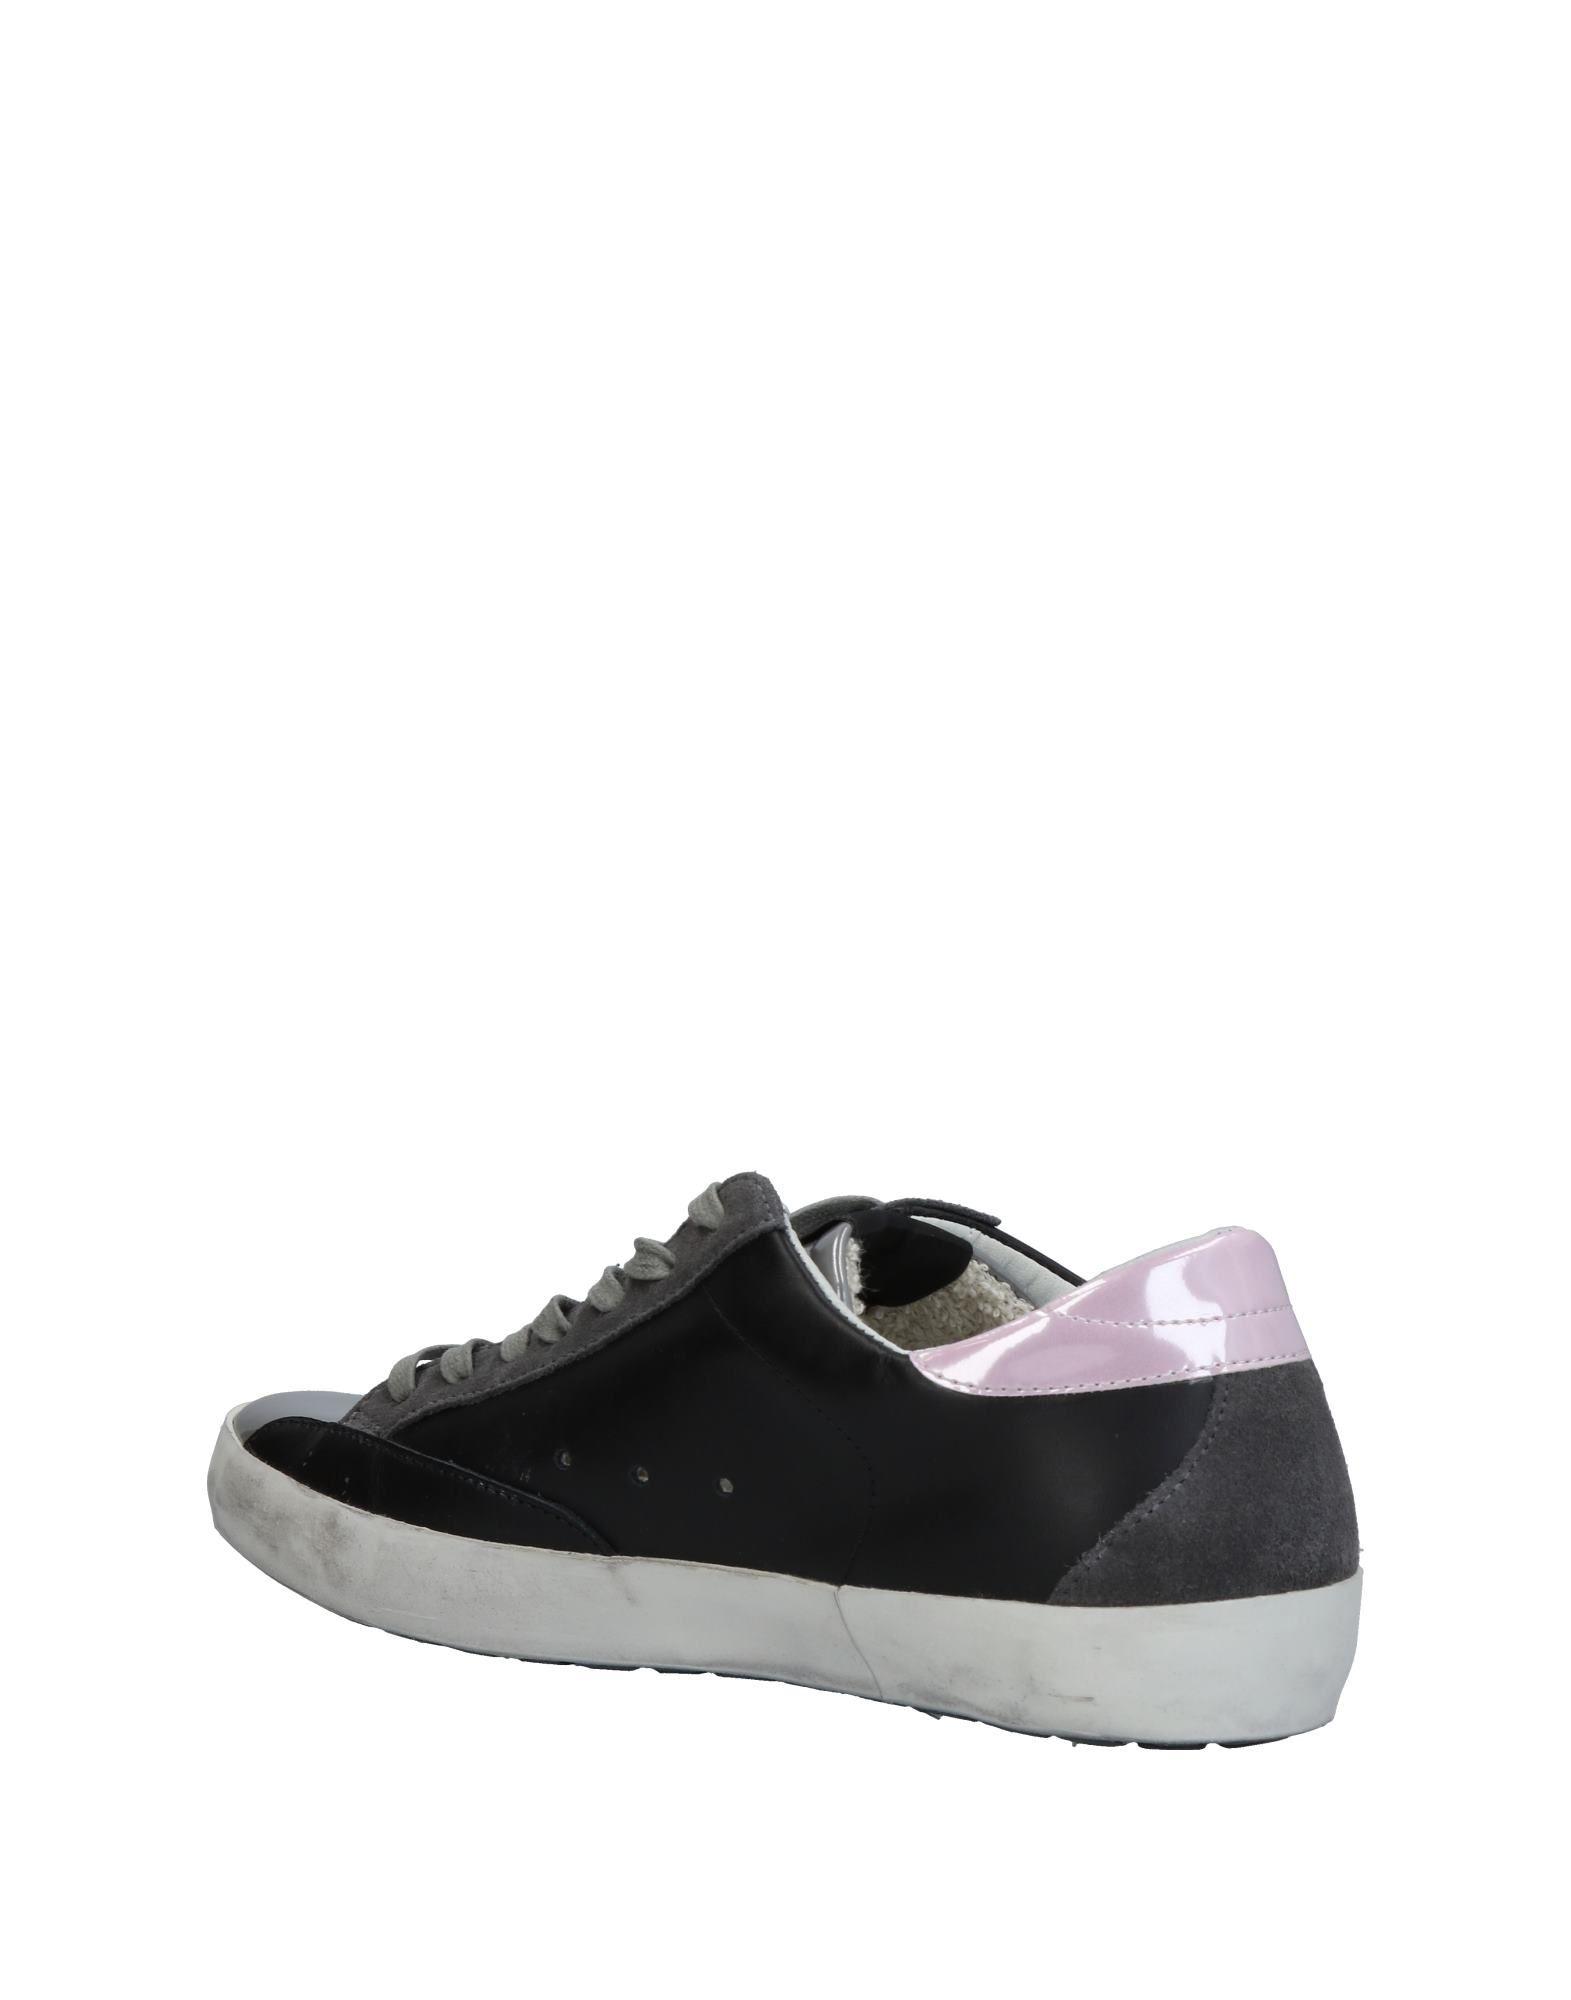 Quattrobarradodici Sneakers Damen  Schuhe 11459236VU Gute Qualität beliebte Schuhe  f2bbdb